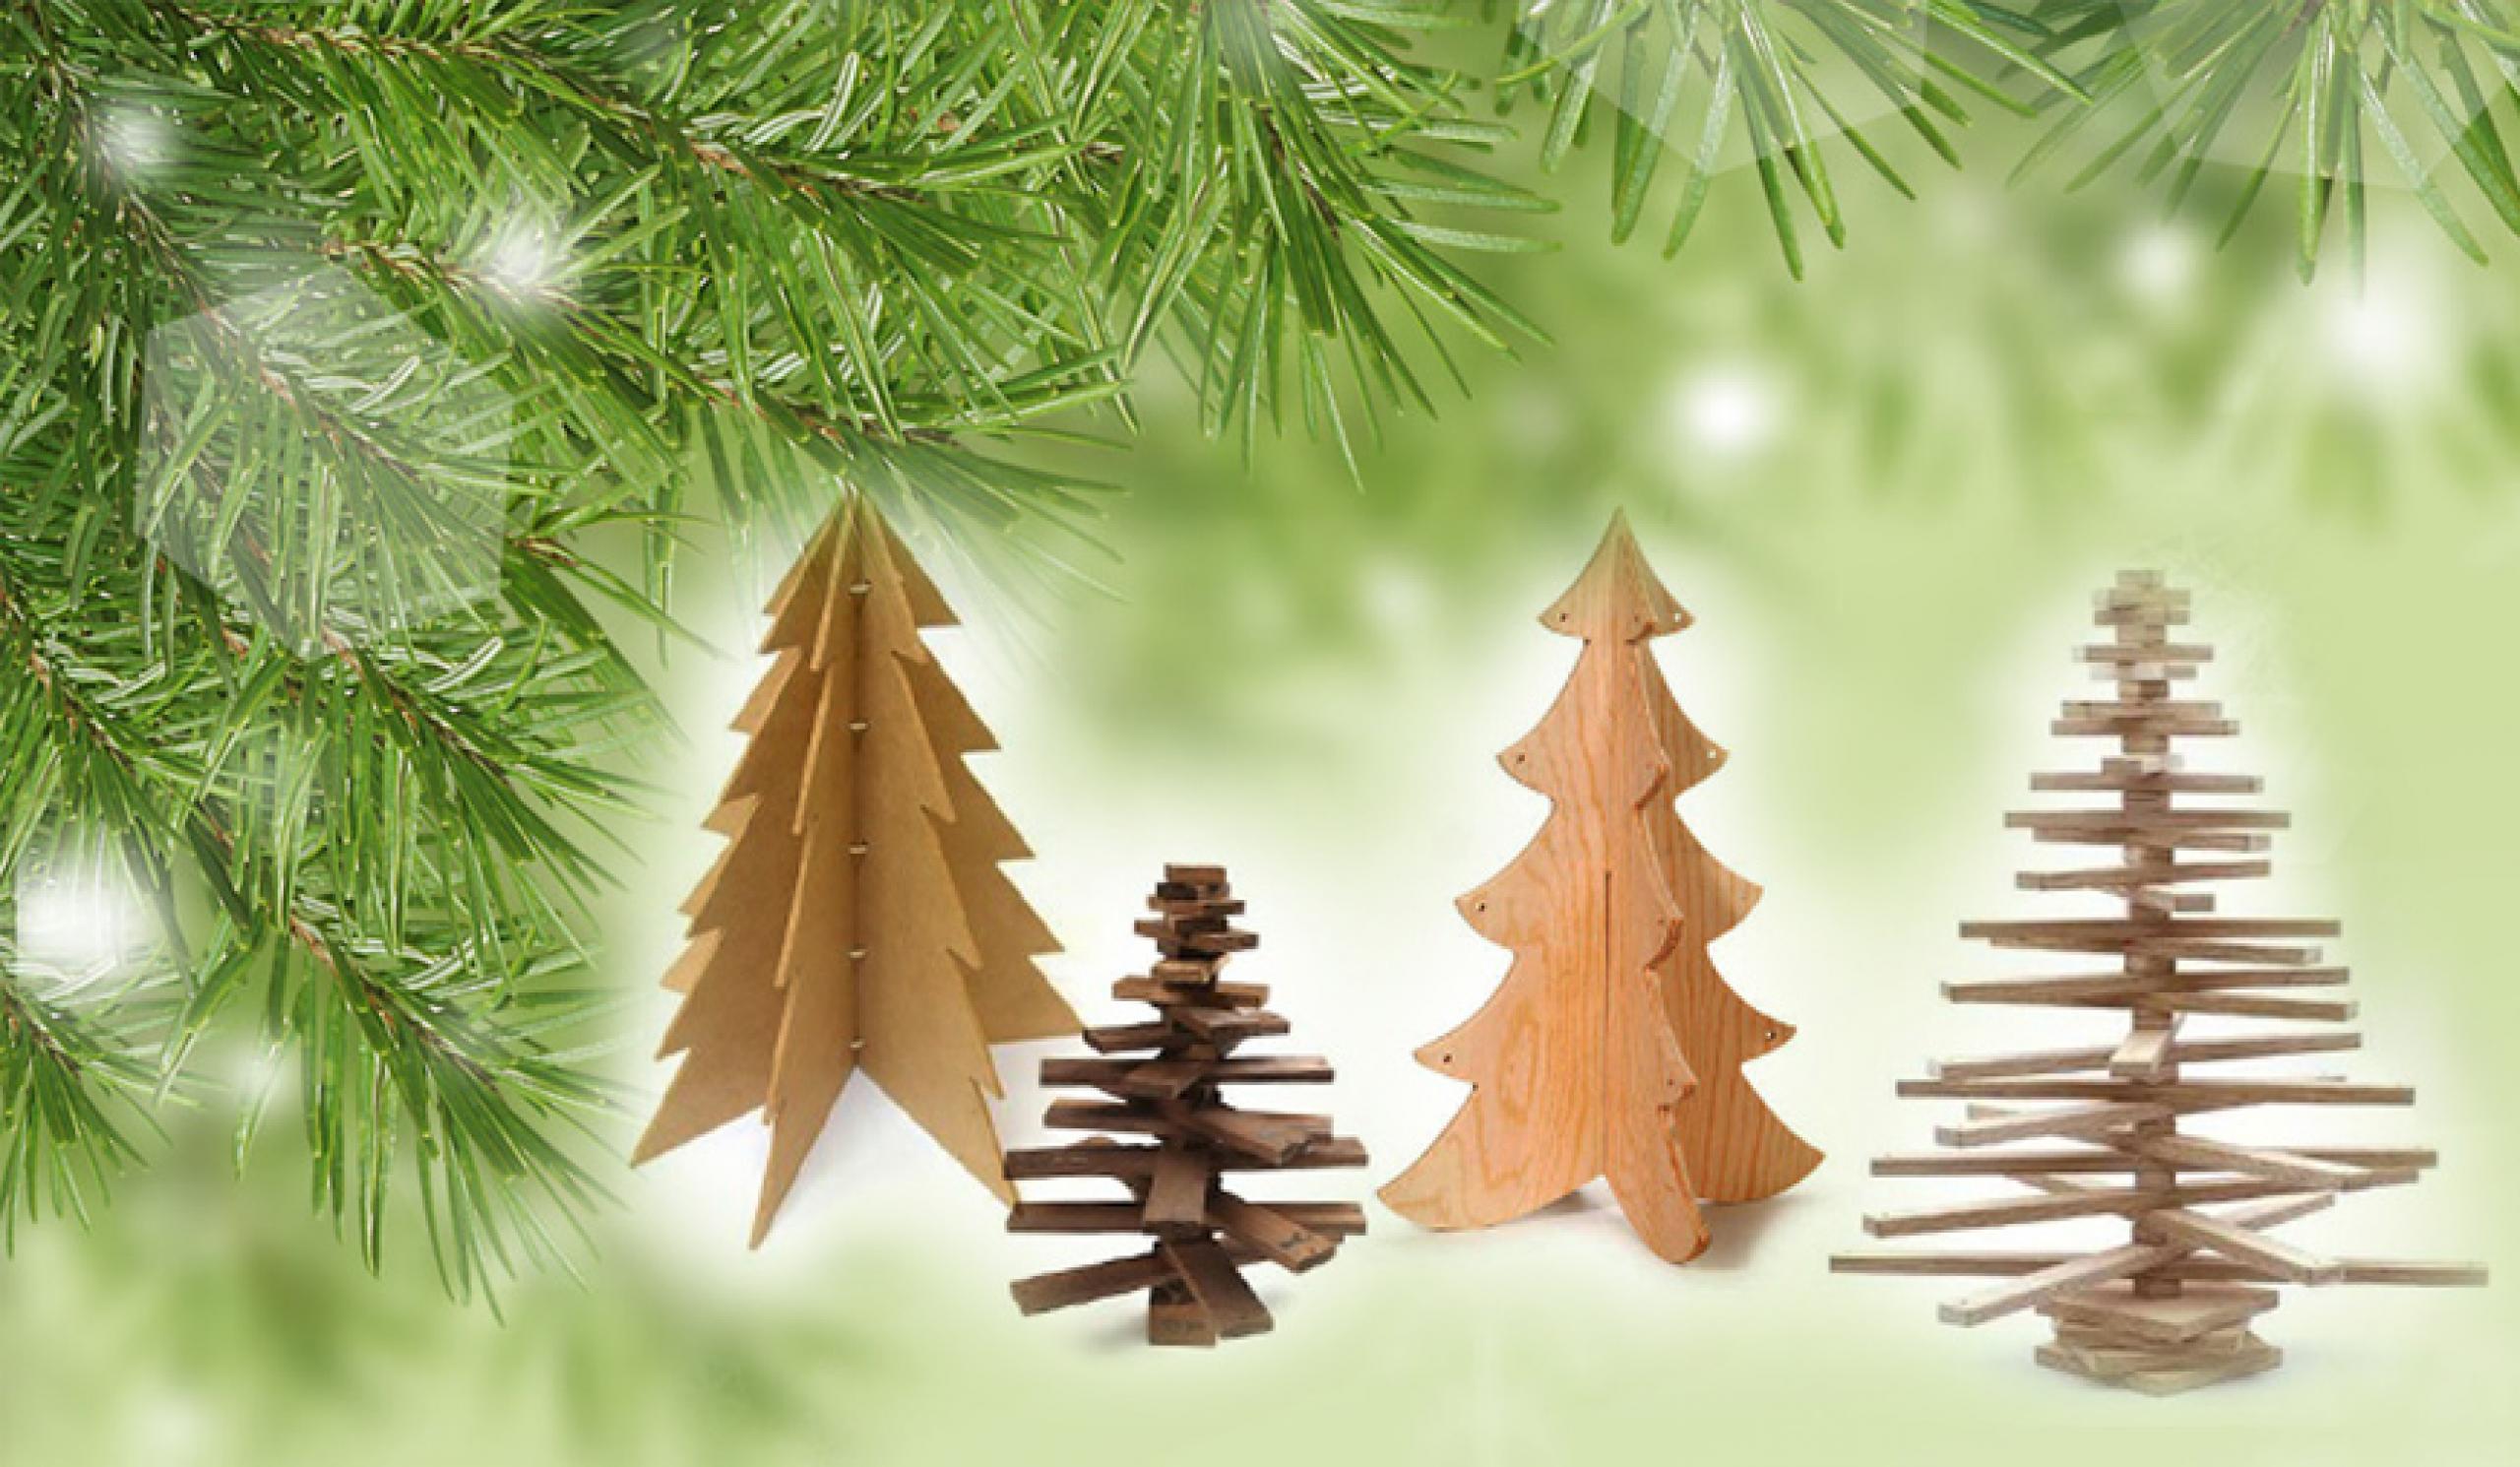 Jak vyrobit dřevěný vánoční stromek